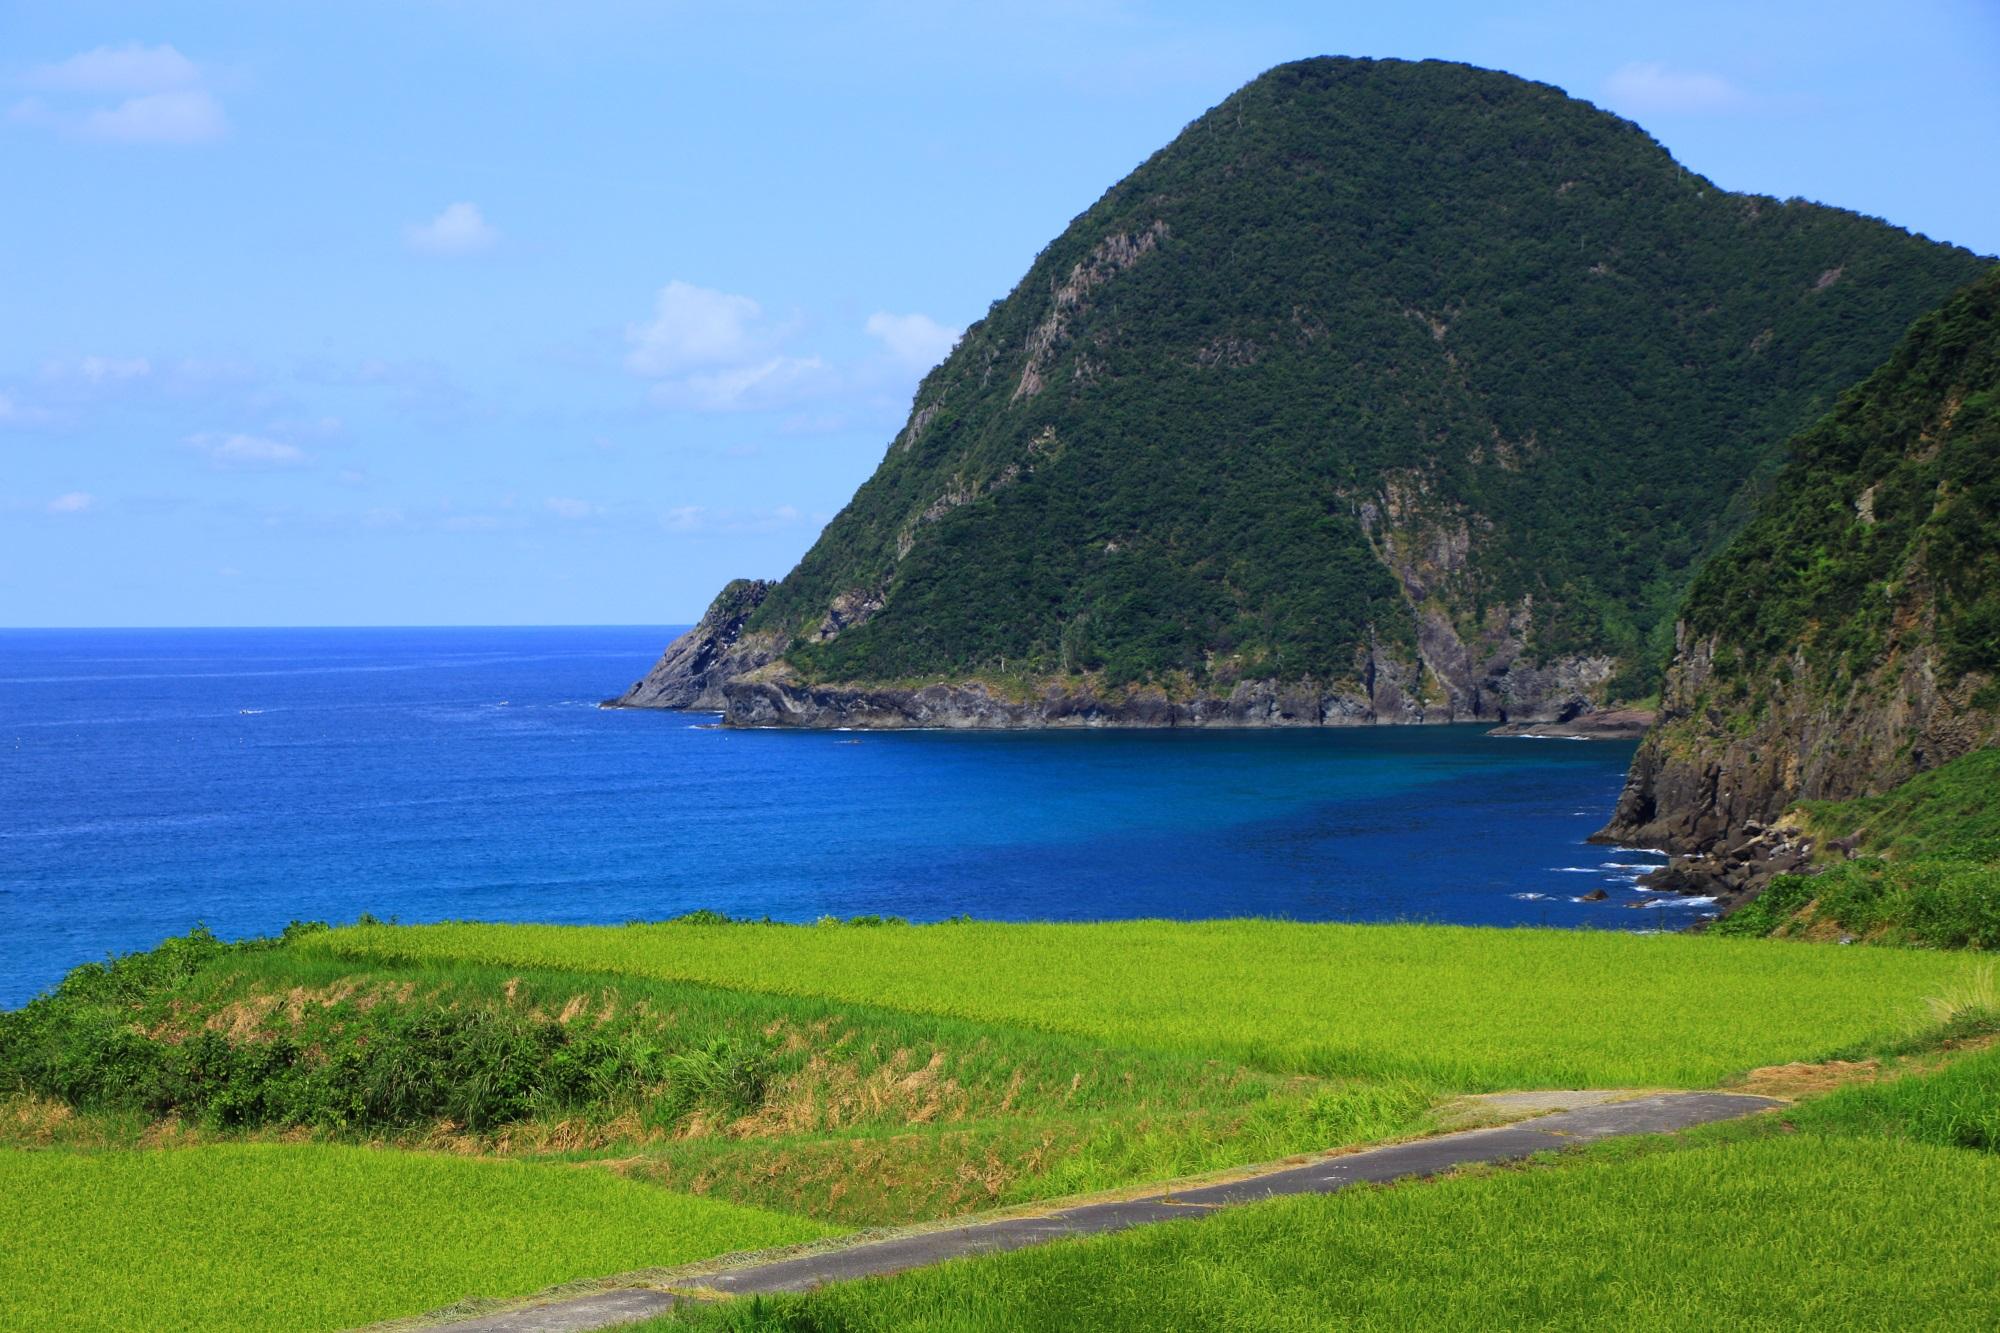 京丹後の見事な青い海と耳の垂れた犬のように見える犬ヶ岬